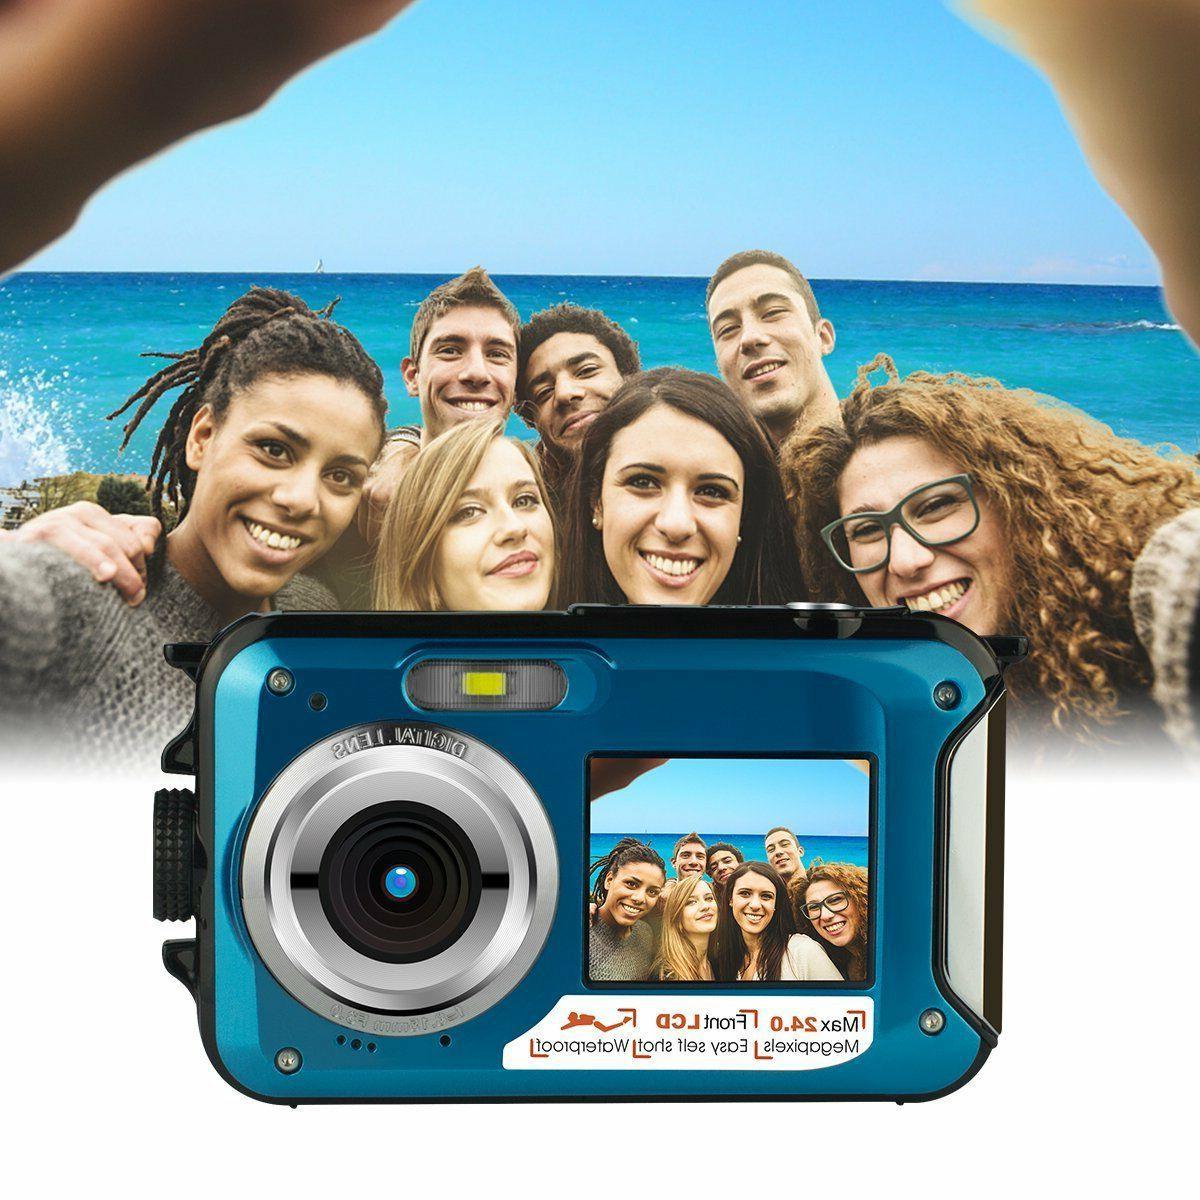 Waterproof Underwater Digital Cameras,Digital Video Rec